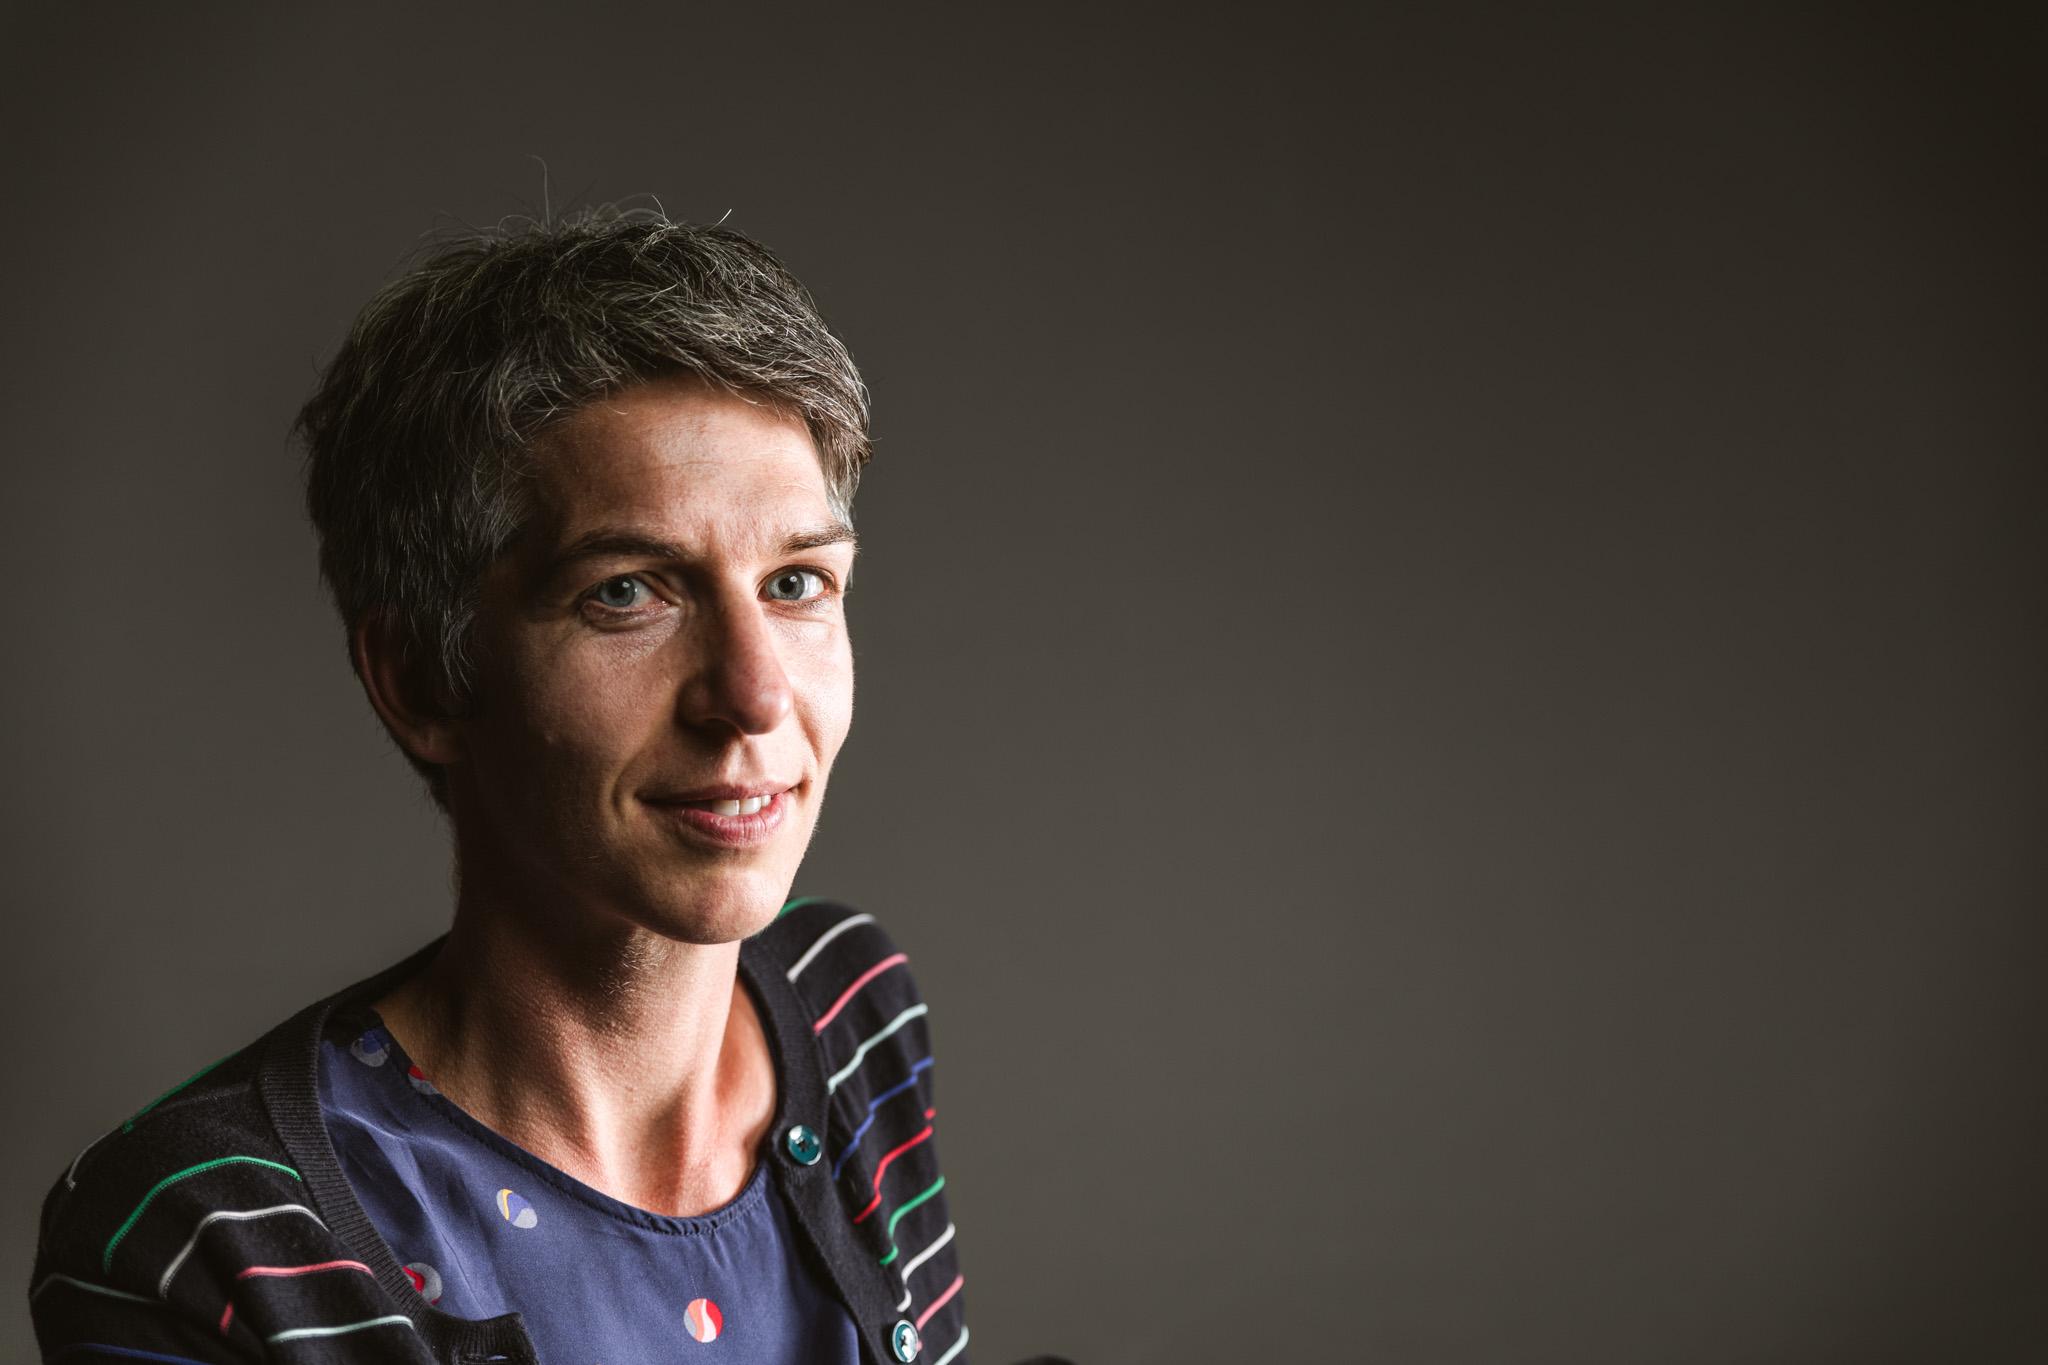 Sofie Van Sande